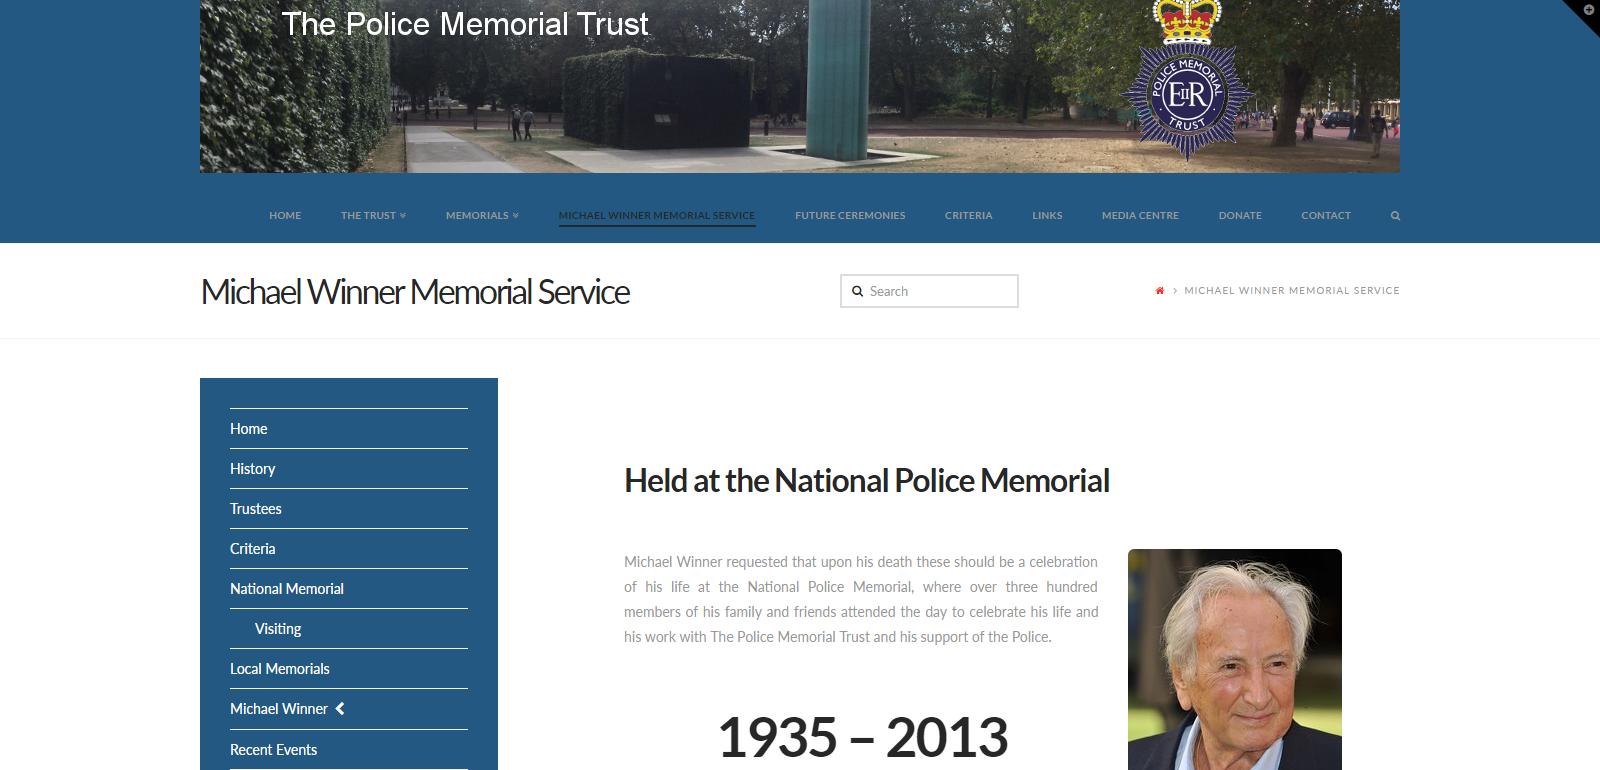 The Police Memorial Trust Website